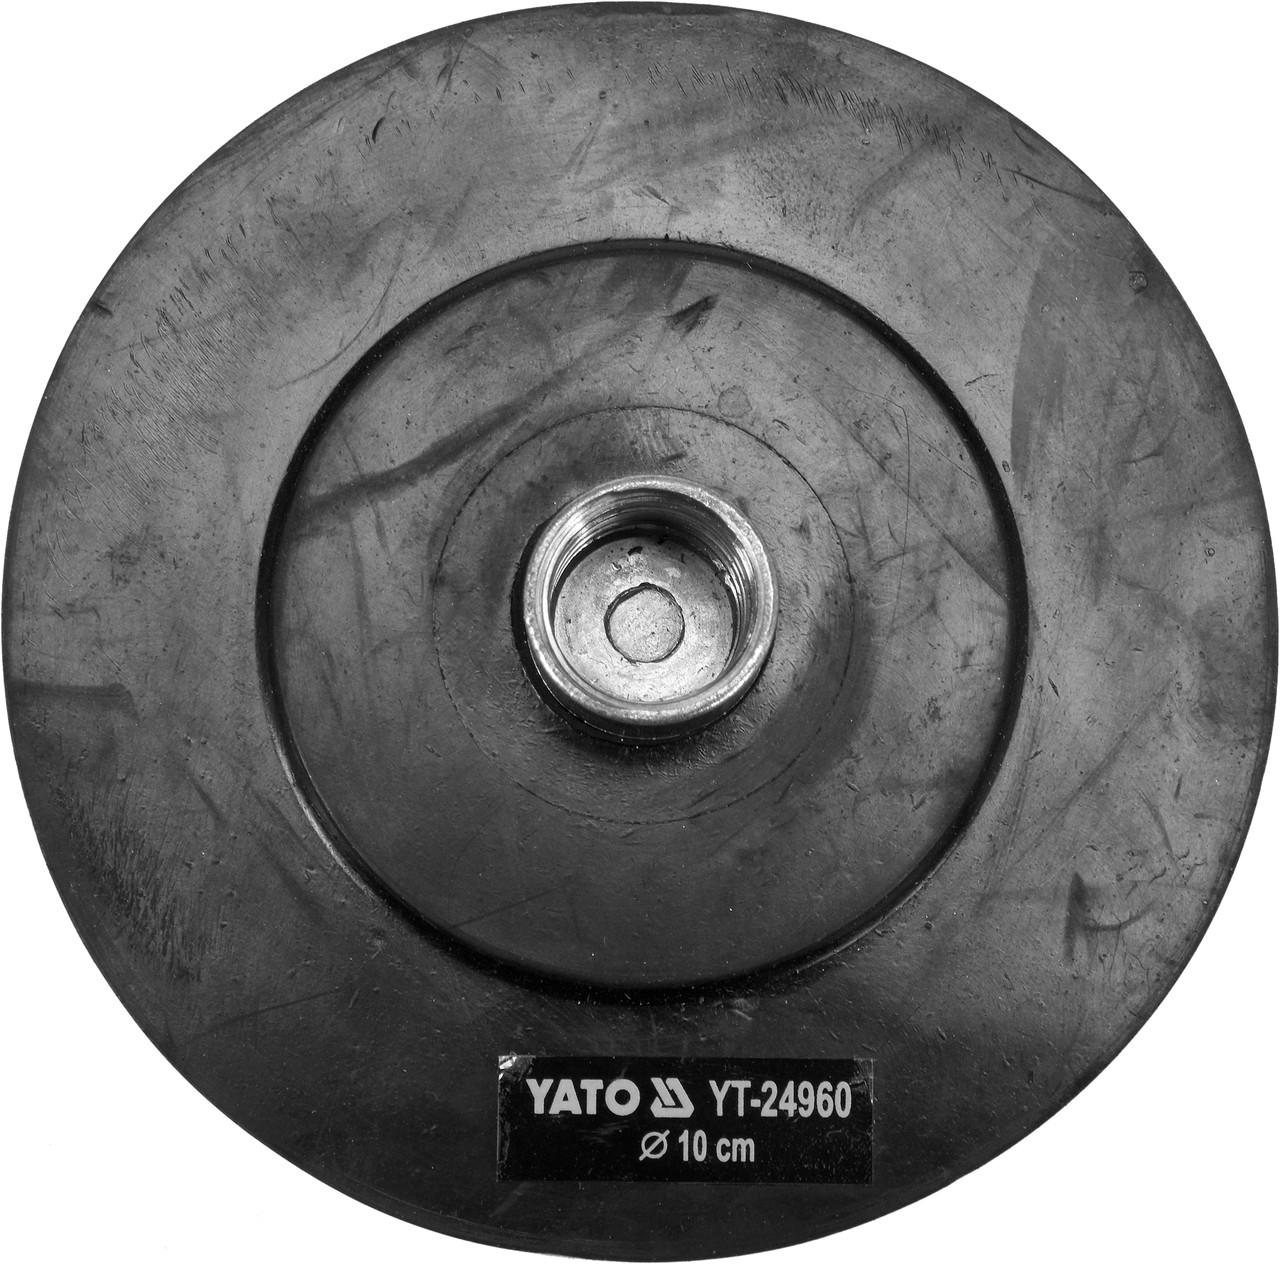 Наконечник дисковий для очищення каналізації YATO : Ø= 10 см, t= 6 мм, резиновий, до YT-24980